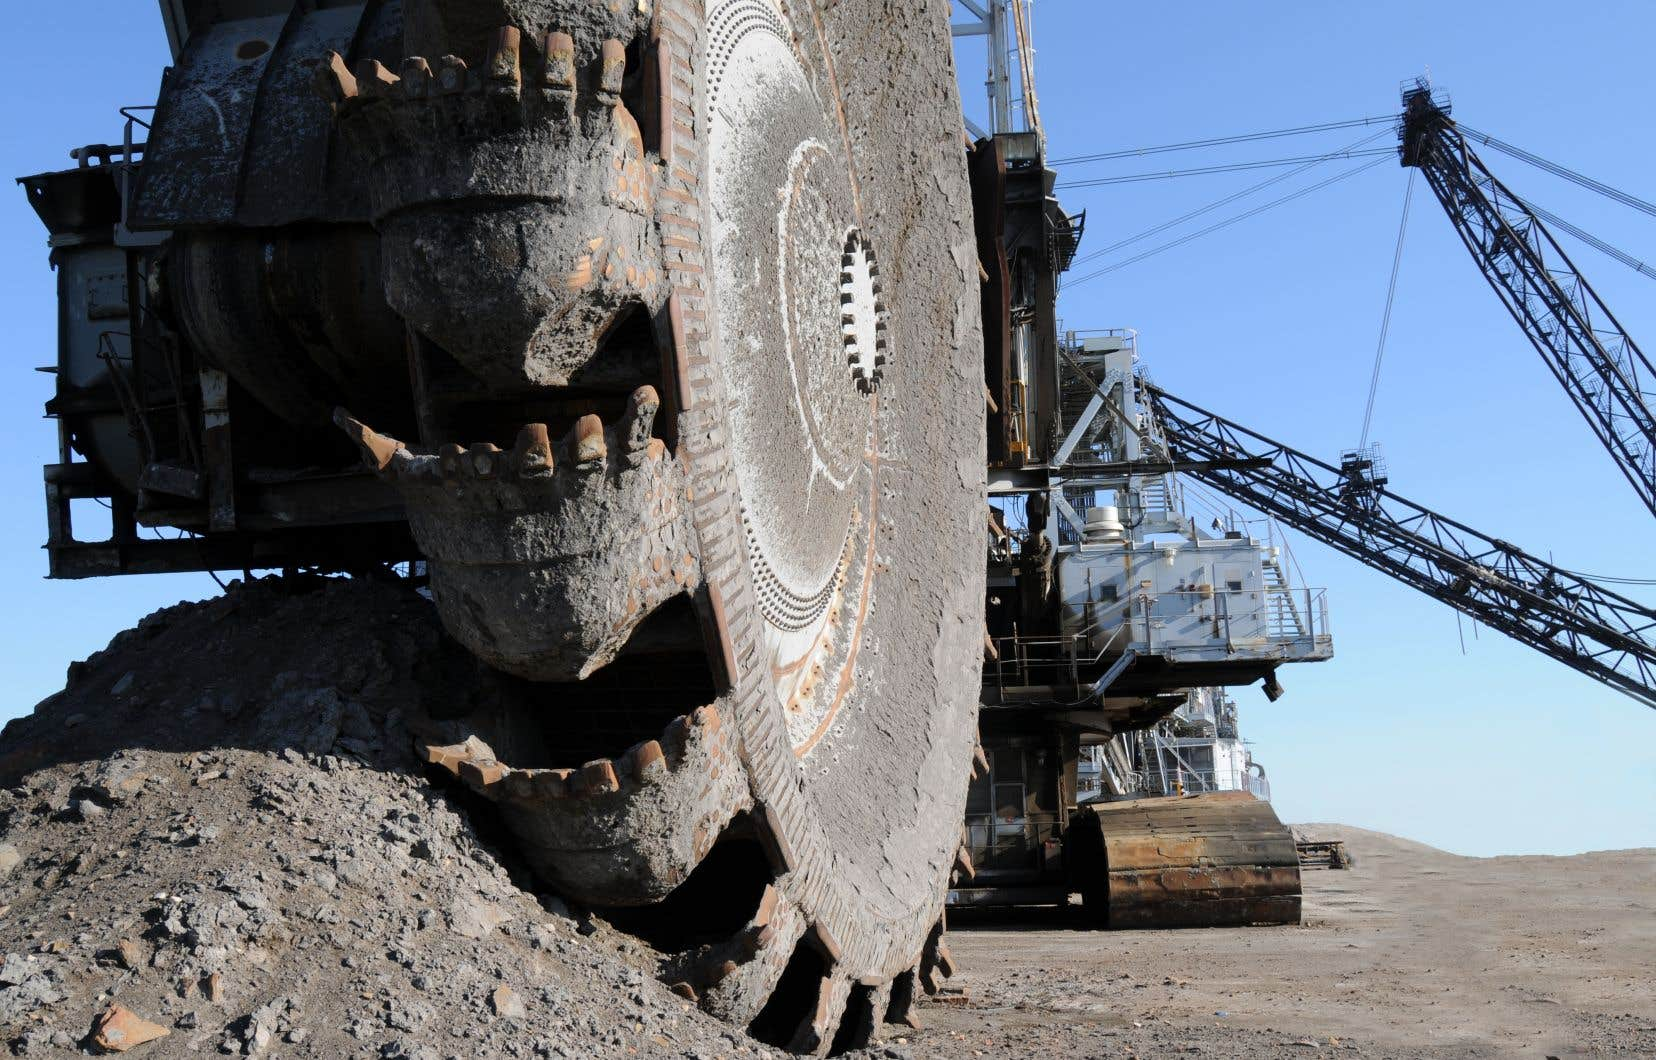 Le projet Frontier de la minière Teck,en Alberta, permettrait de produire 260 000 barils de pétrole par jour.